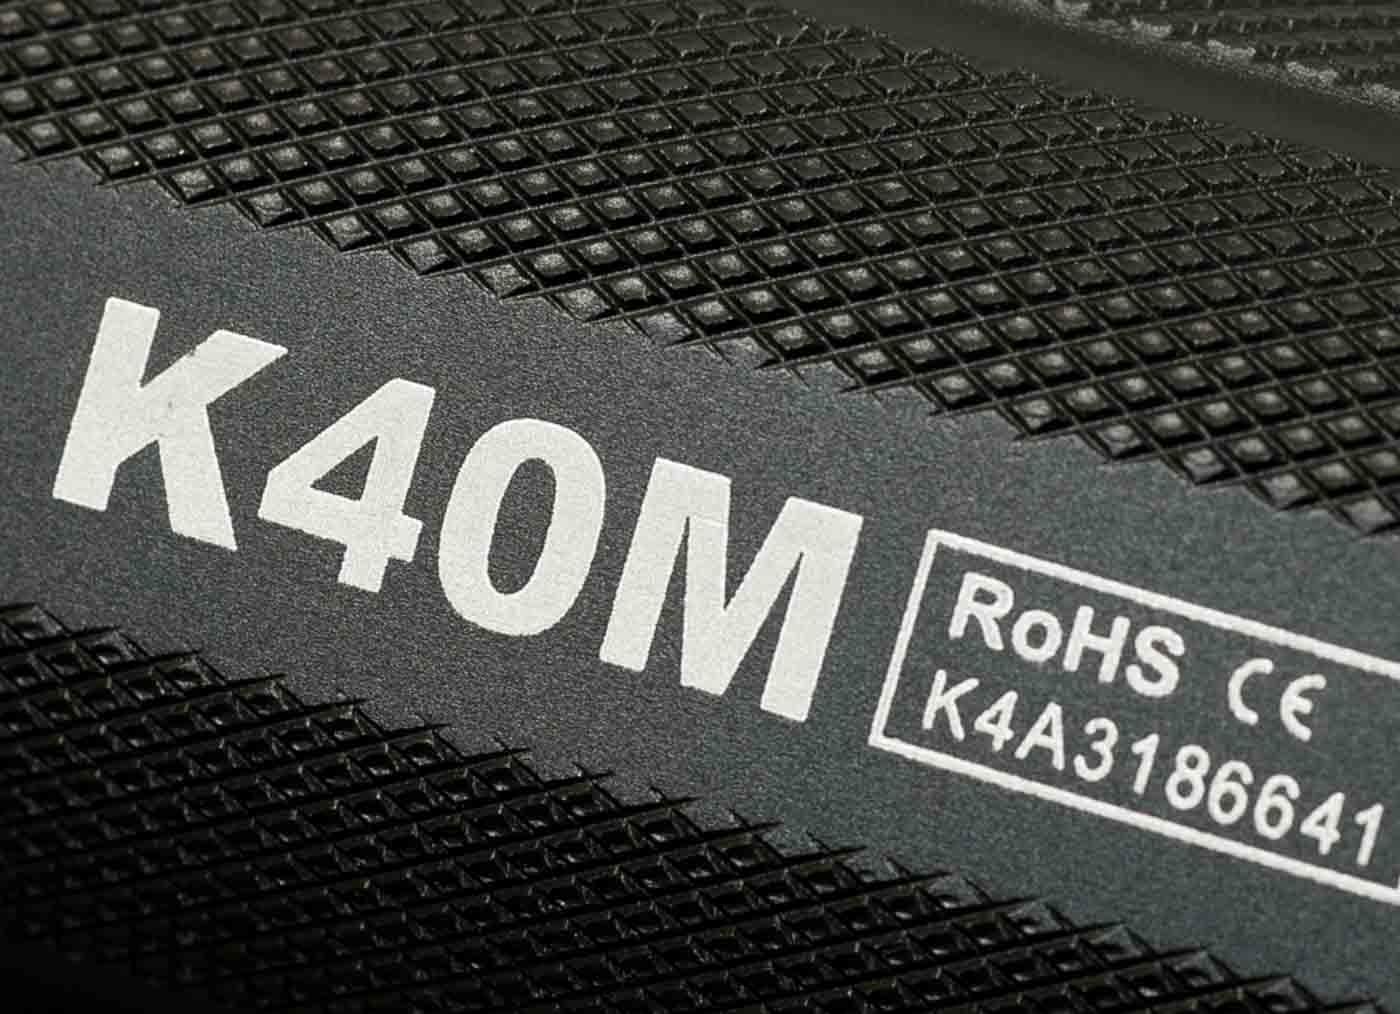 K40M prints